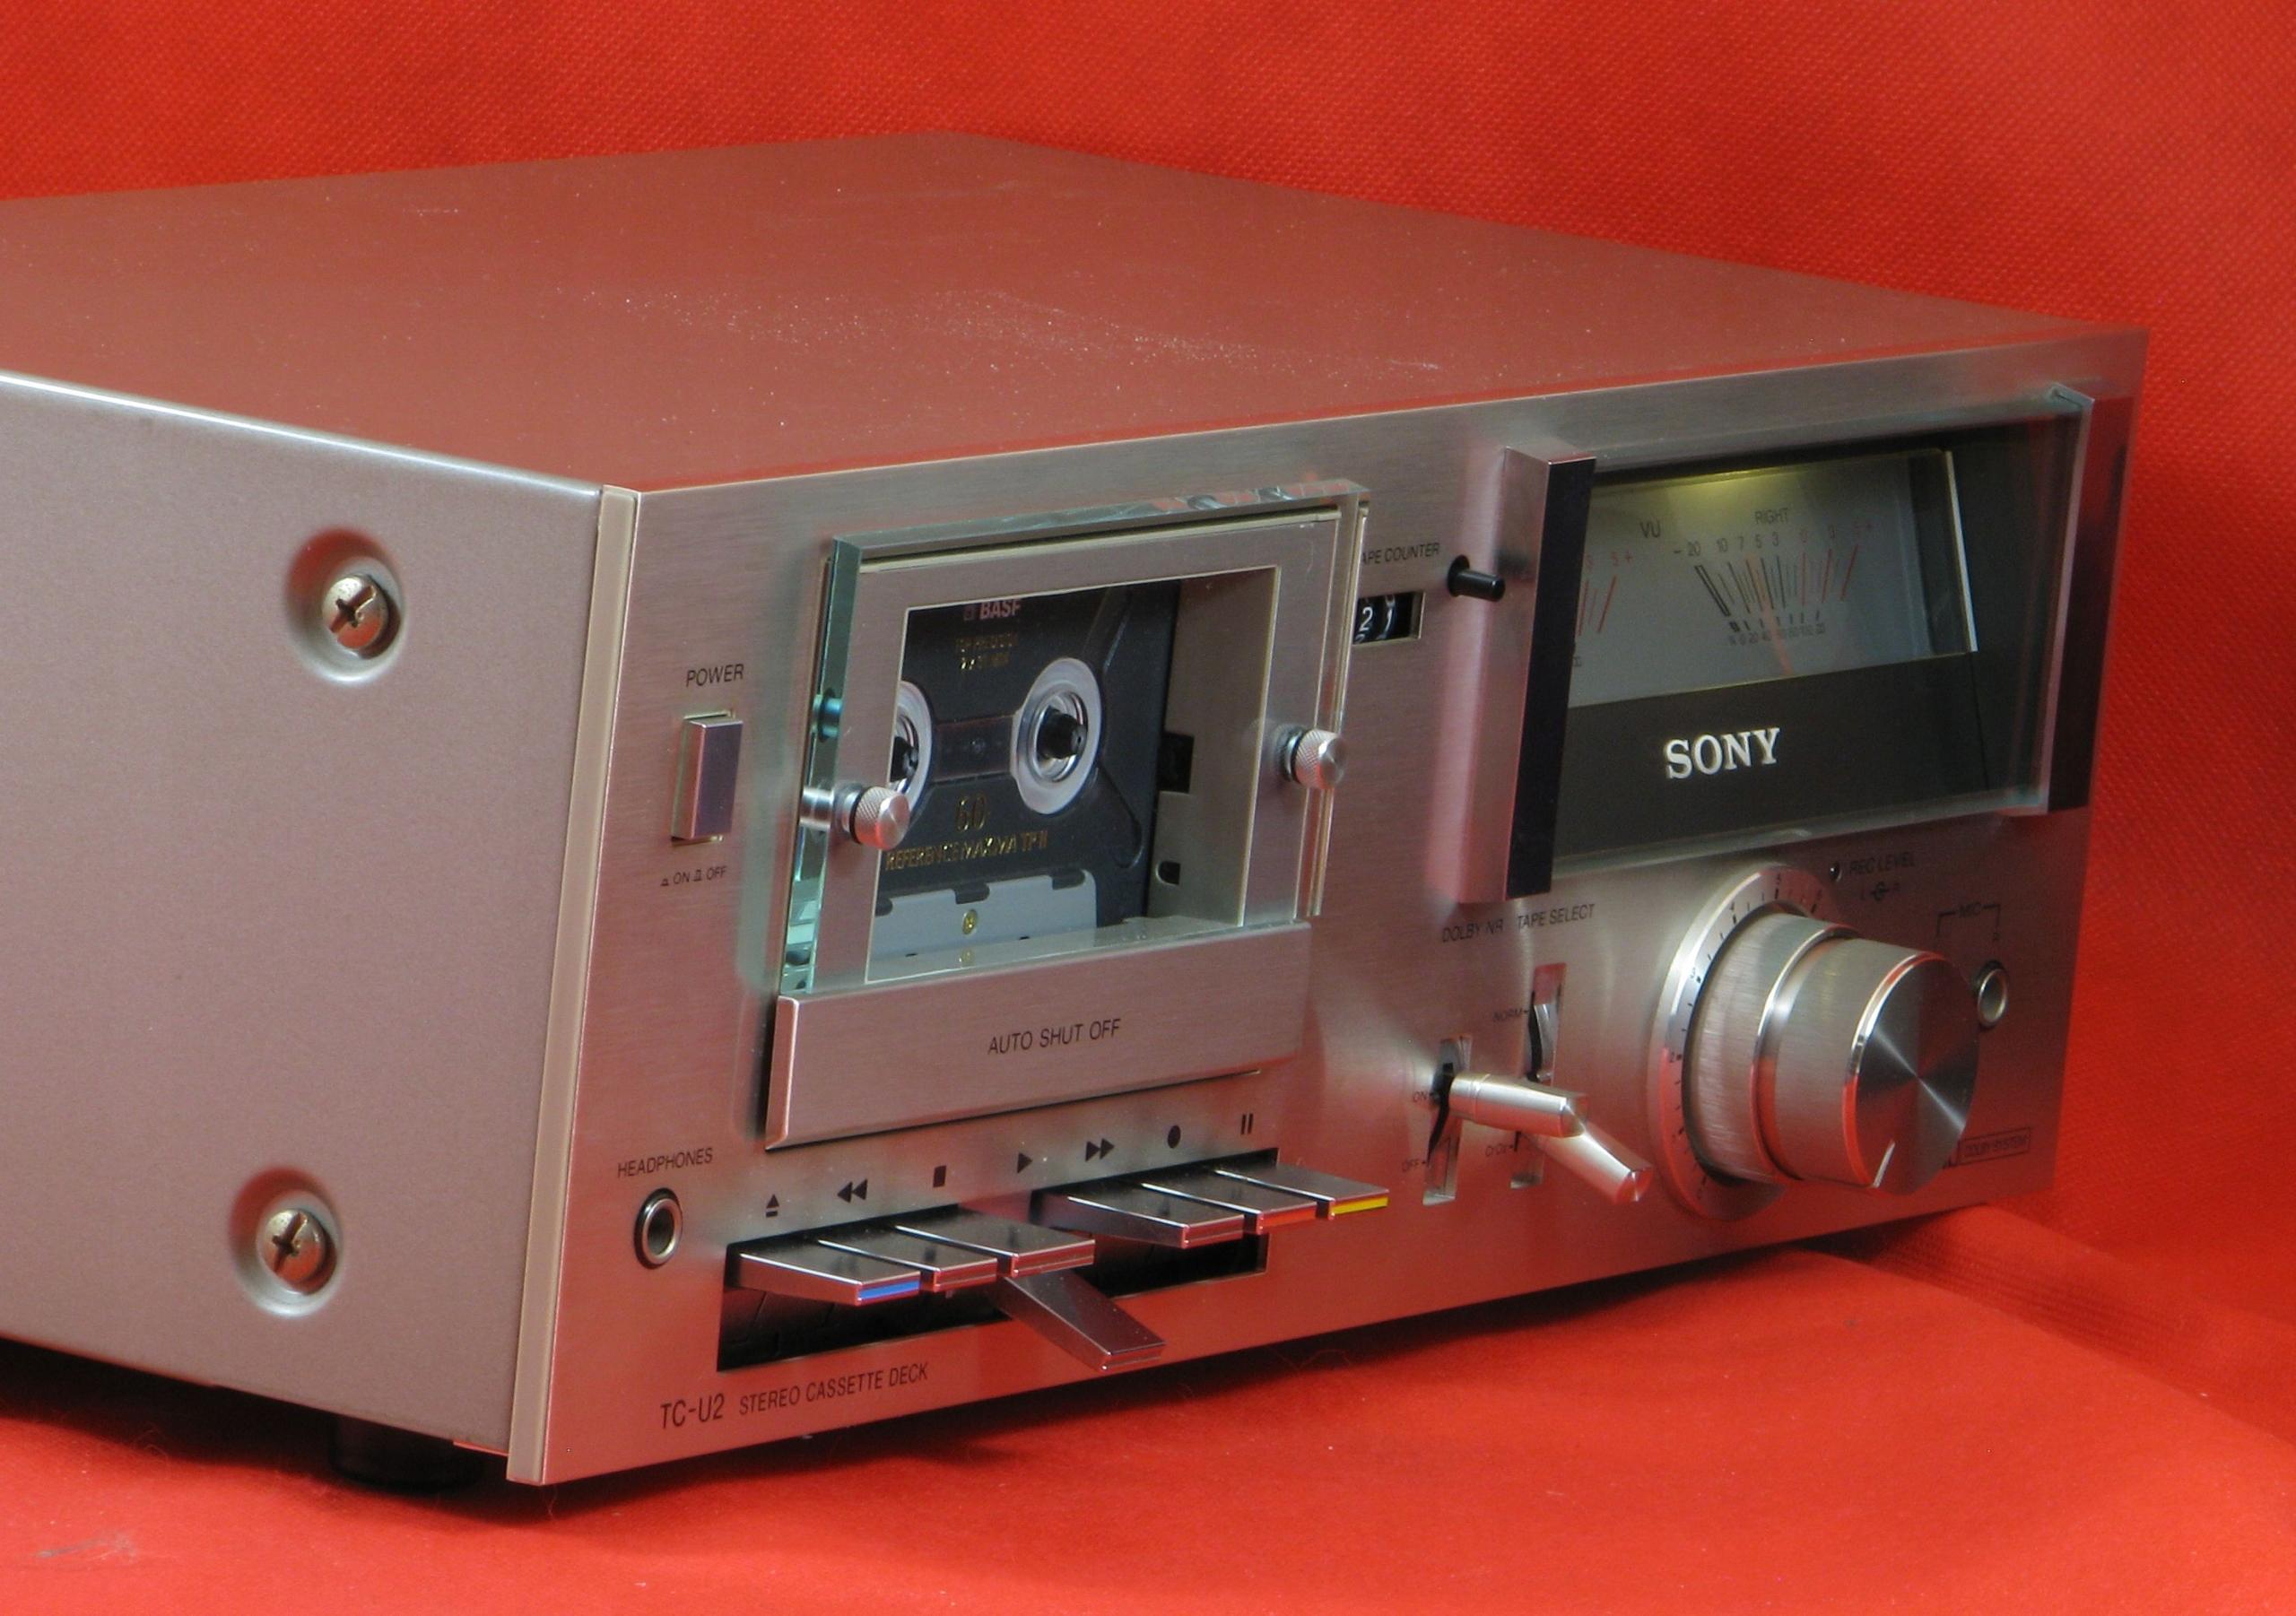 Sony TC-U2